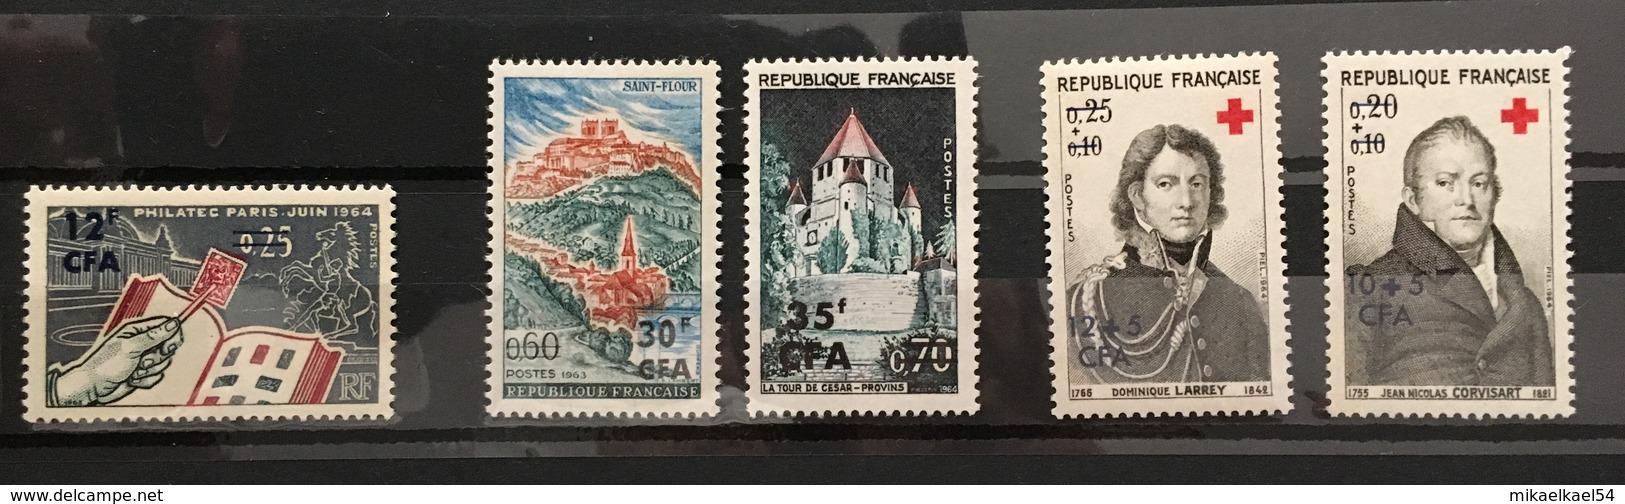 REUNION Année Complète 1964 - YT N° 359 à 363 - 5 Timbres Neufs Sans Charnière ** MNH - Réunion (1852-1975)